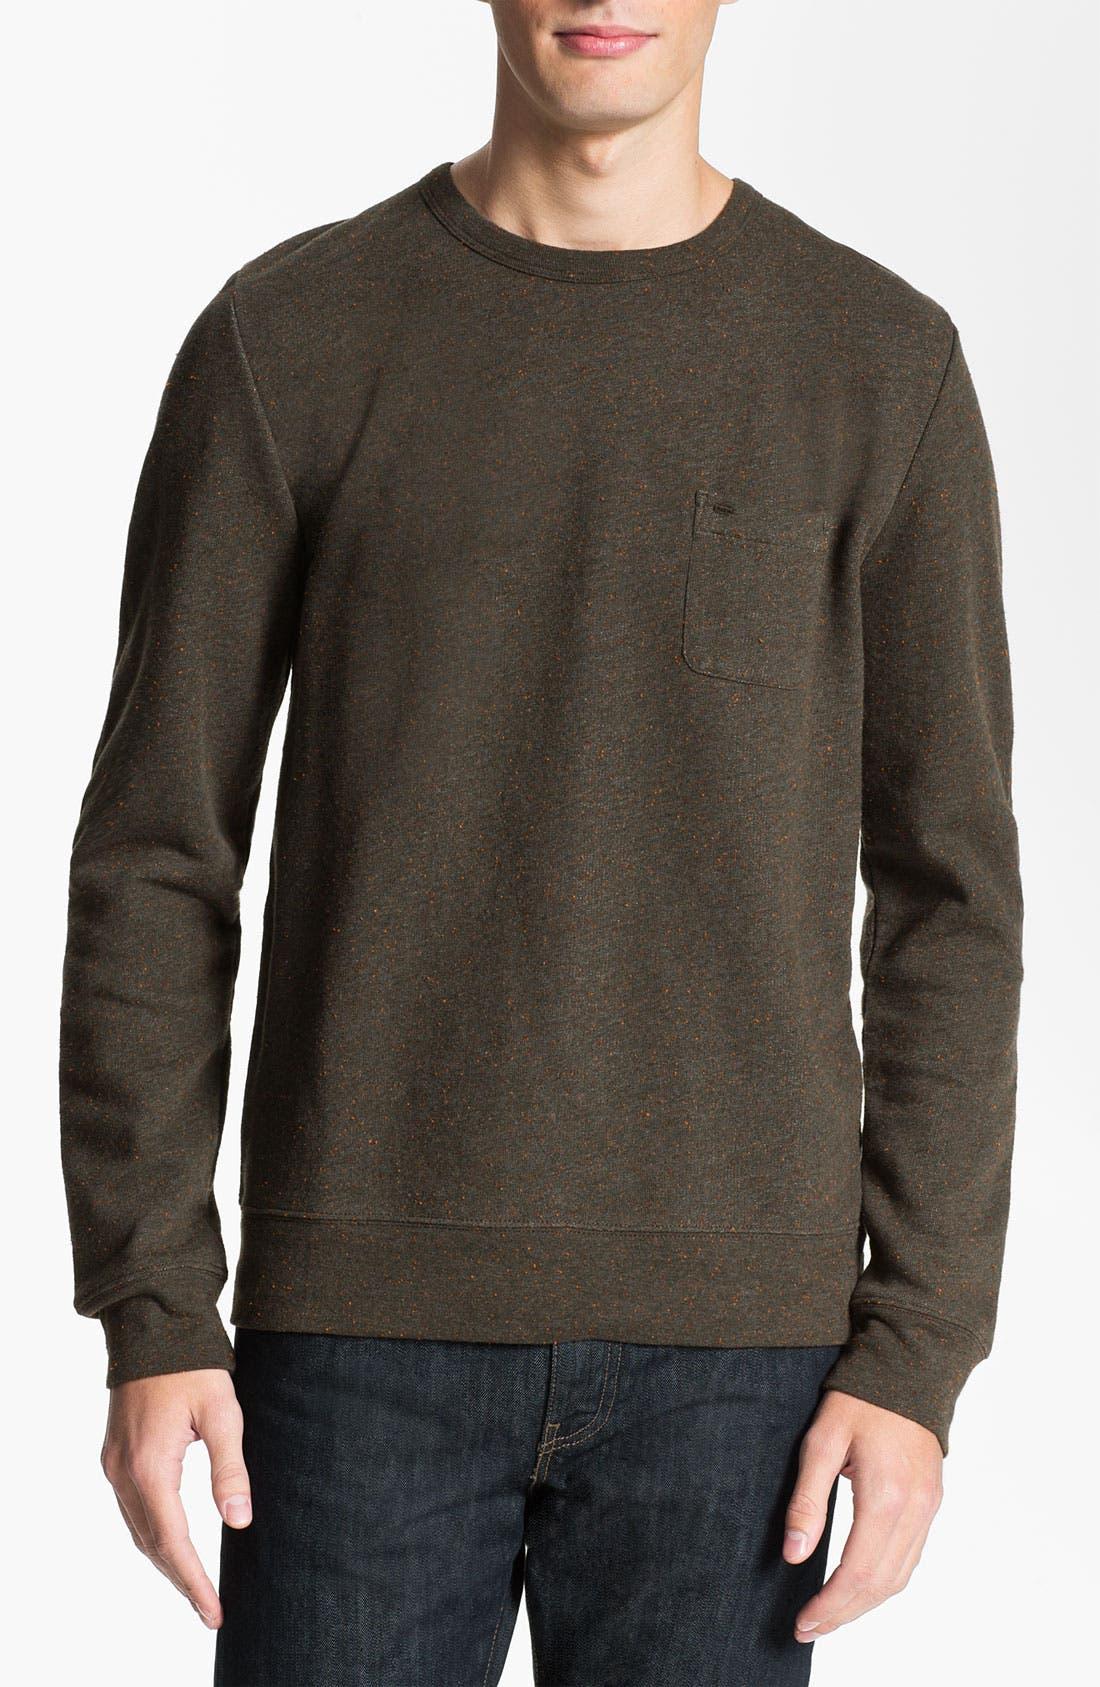 Alternate Image 1 Selected - Obey 'Rye' Crewneck Sweatshirt